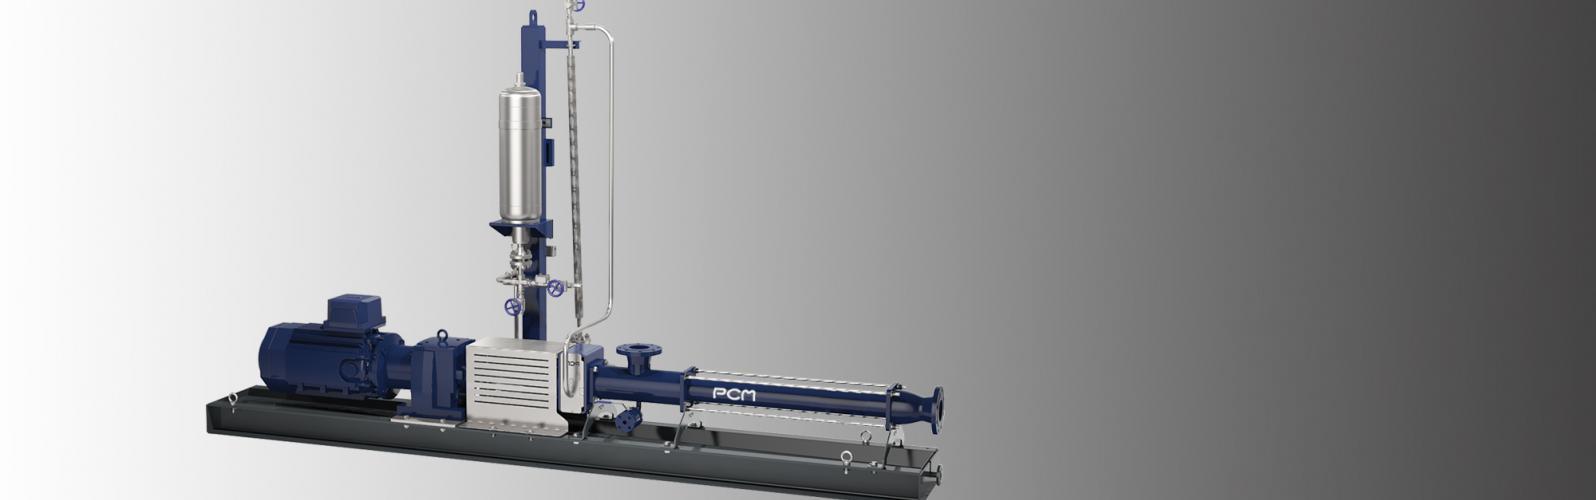 PCM是油气工业 的泵送解决方案的供应商